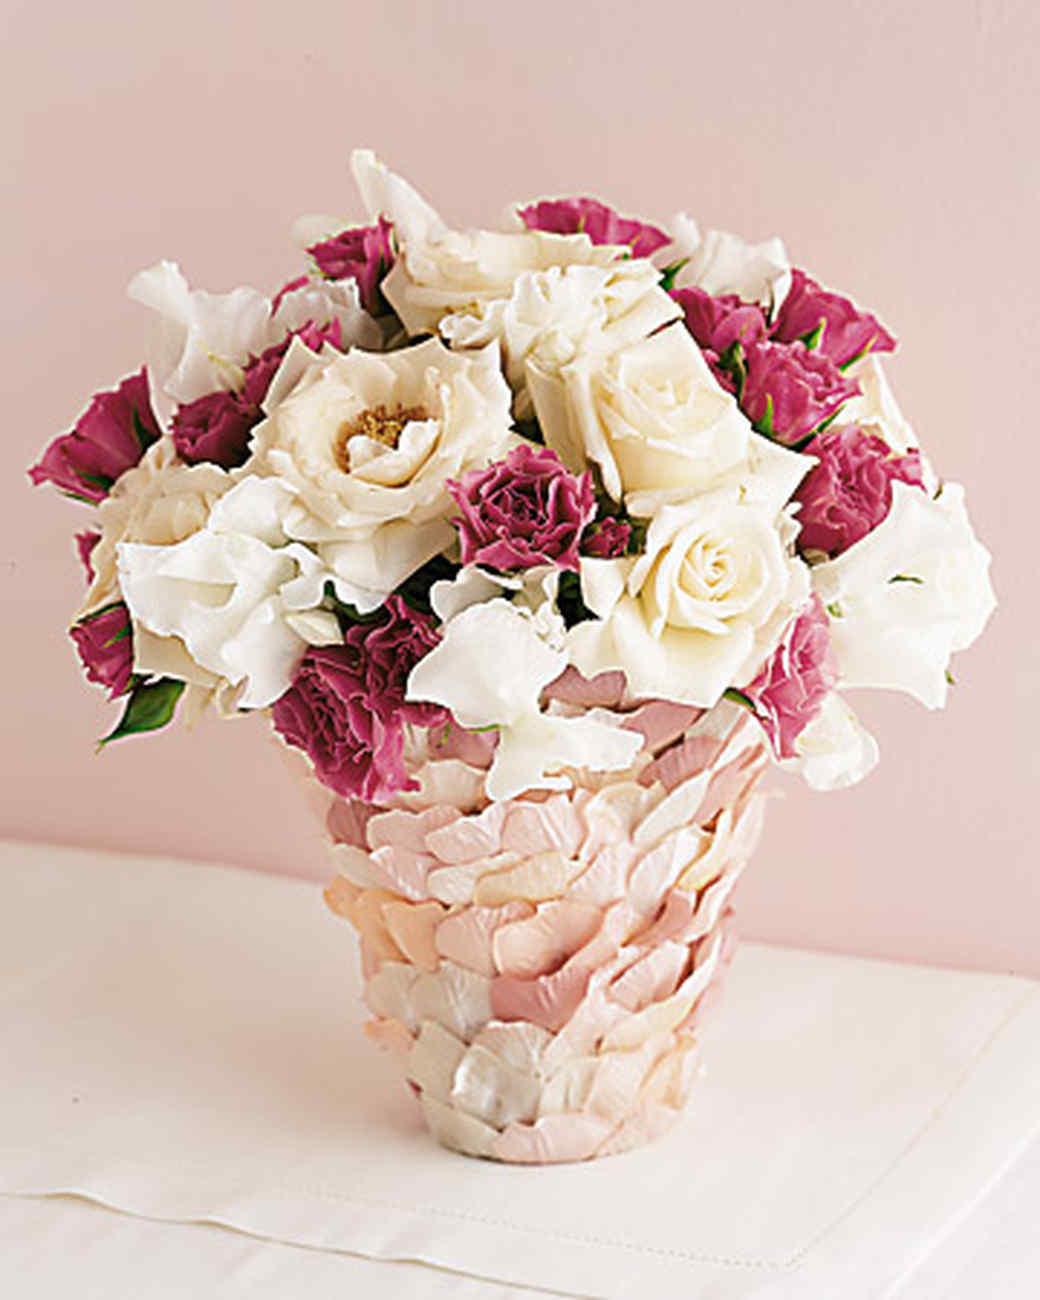 Rose Petal Vase